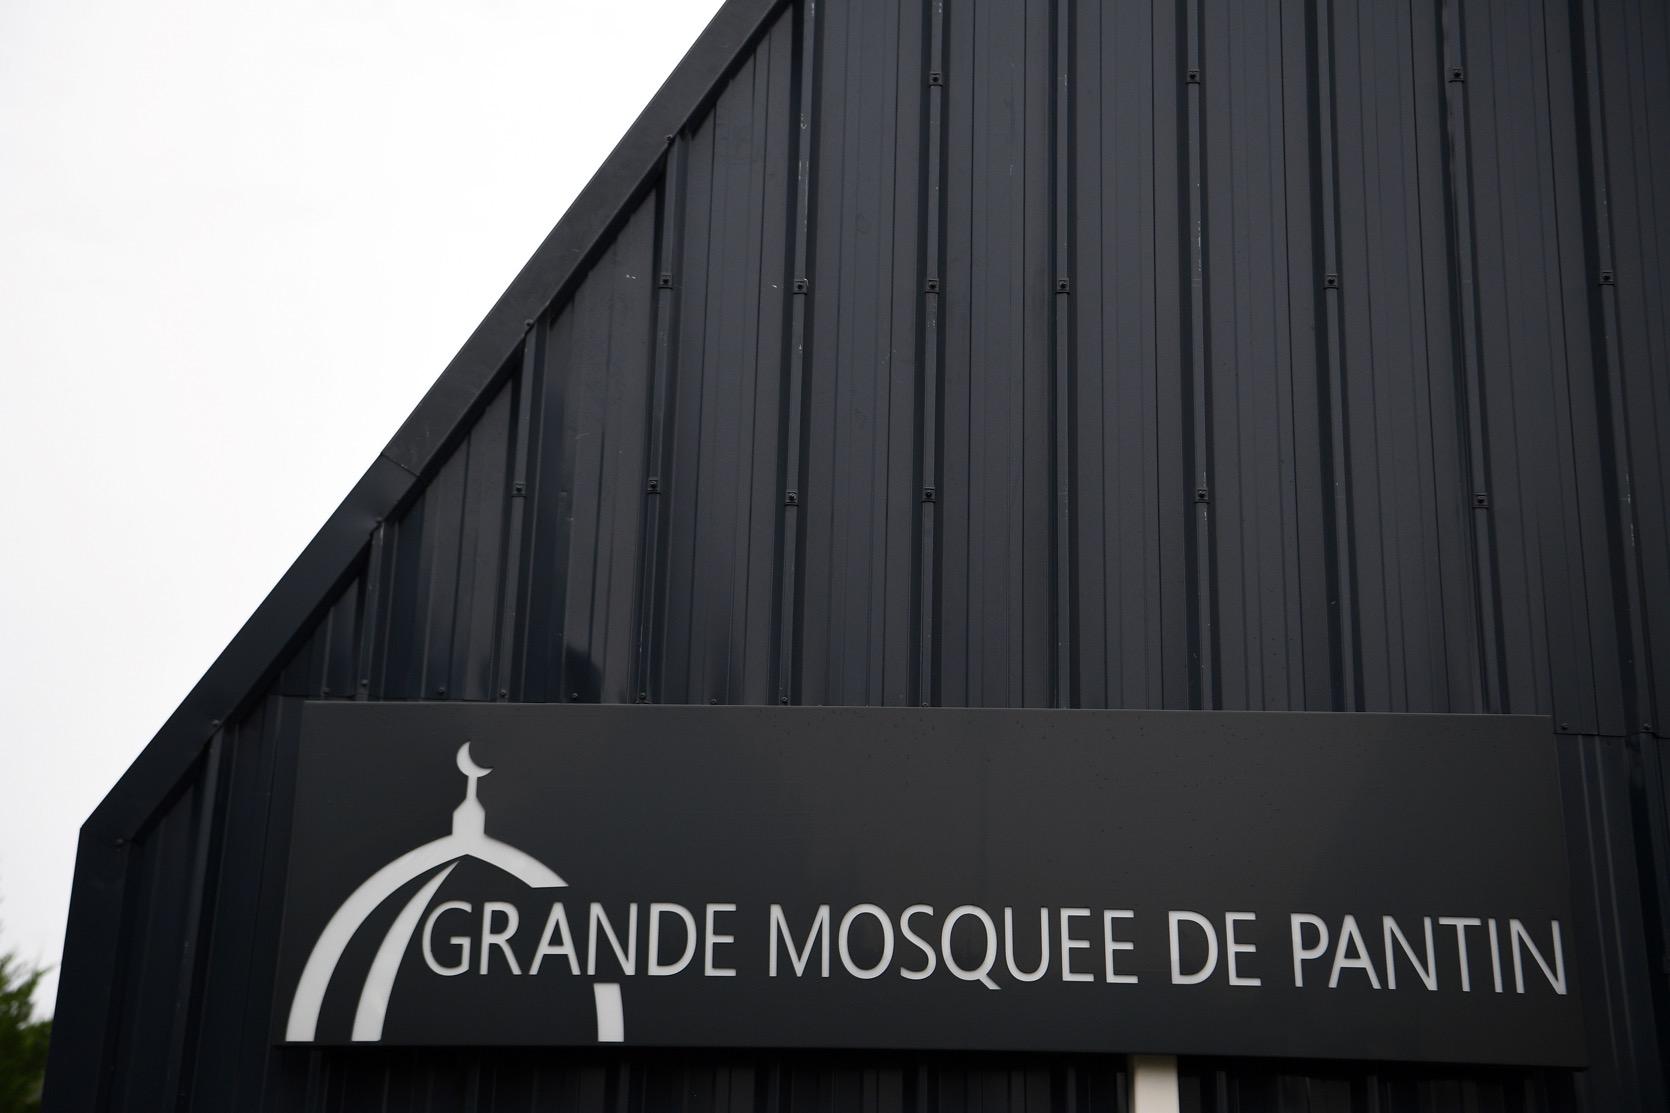 Mosquée de Pantin : la justice administrative valide la fermeture temporaire